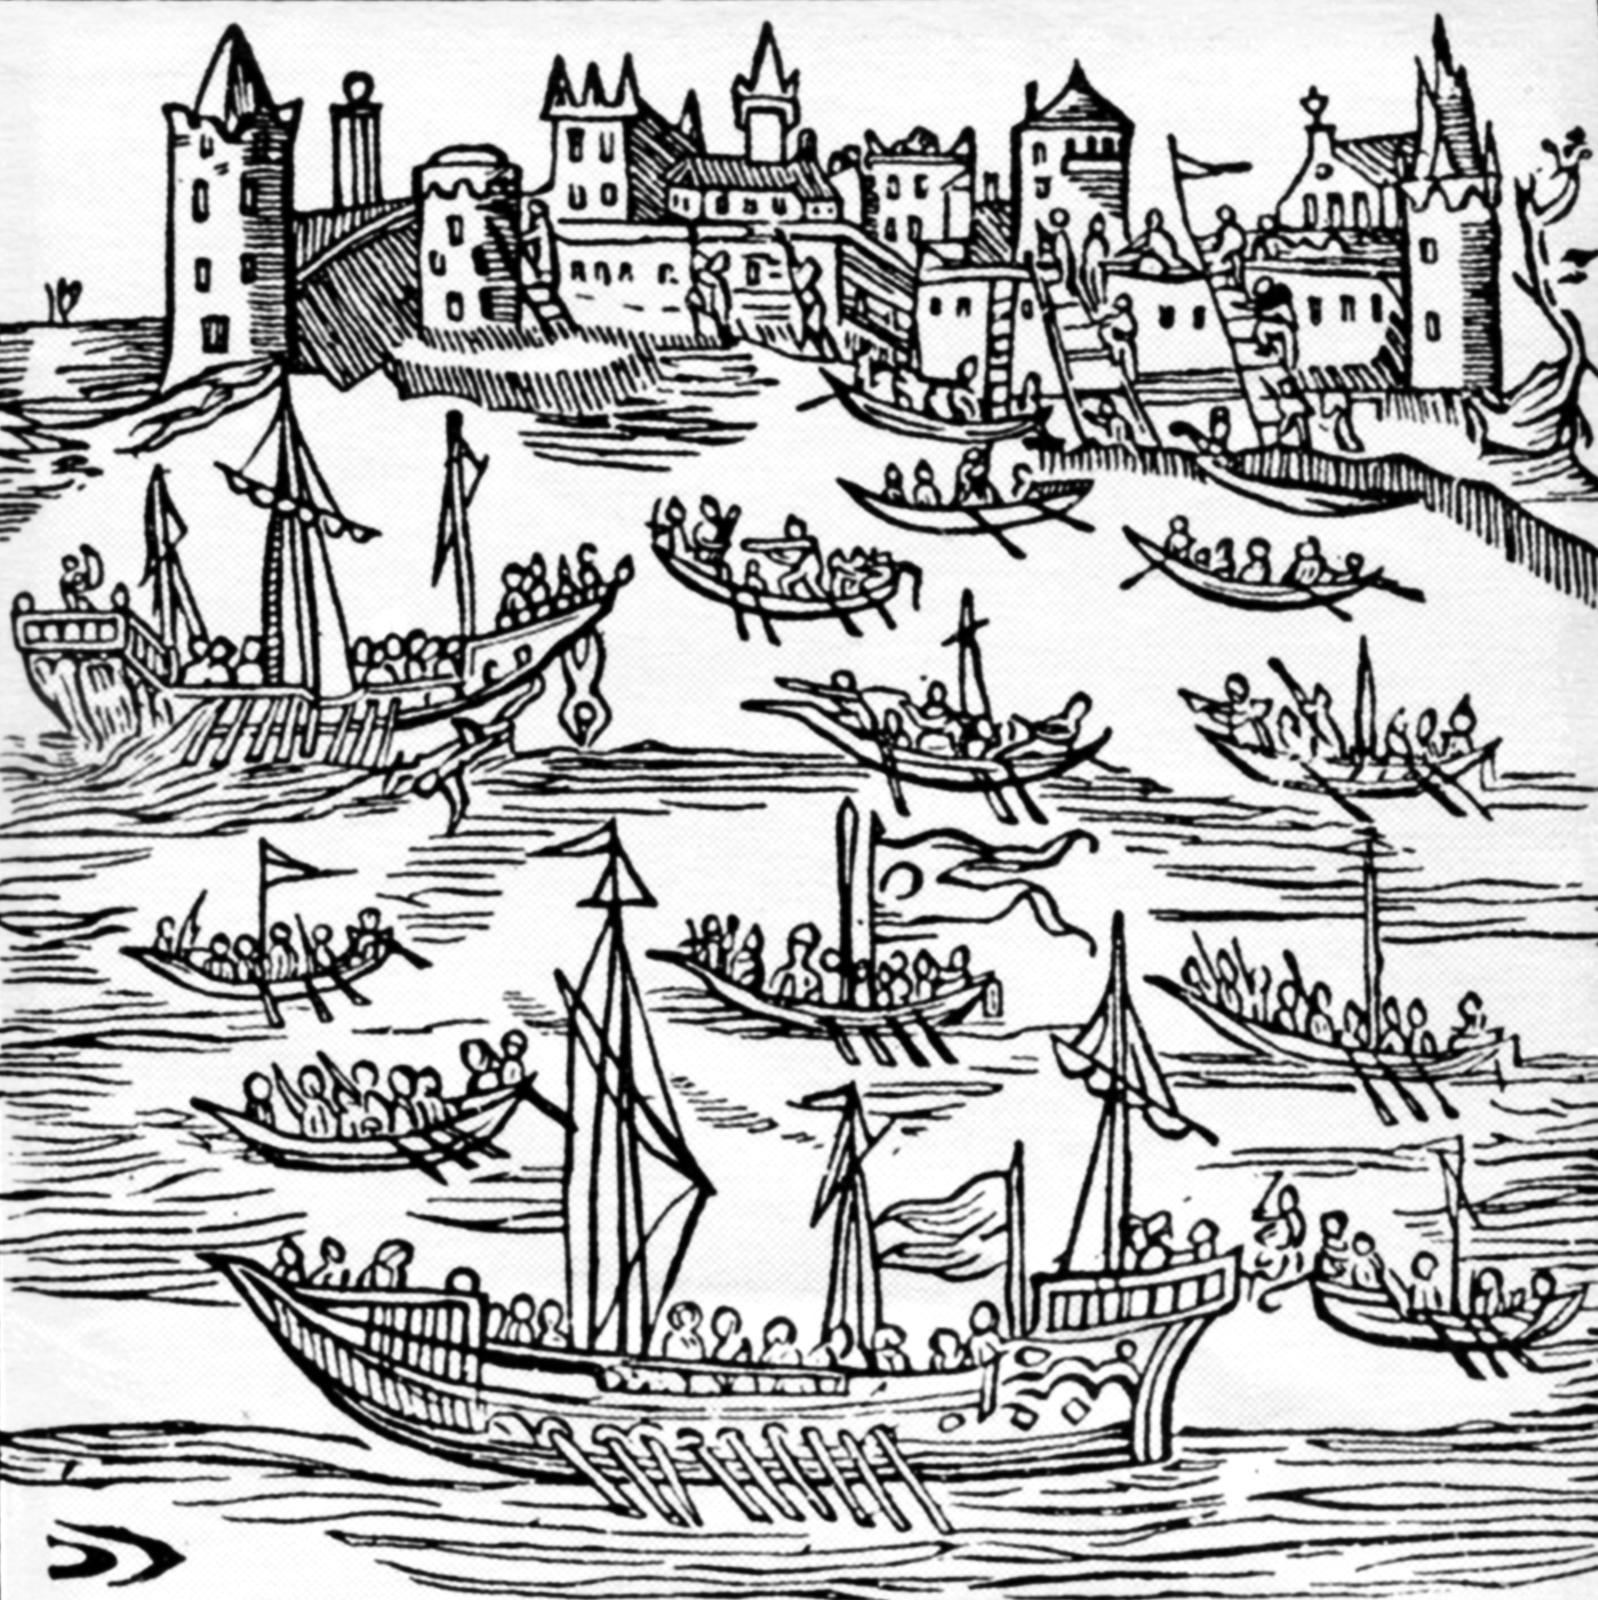 Atak Kozaków na czajkach na turecki port na Krymie - Kaffę. Był towielki ośrodek handlu niewolnikami pochodzącymi znajeżdżanych przez Tatarów ziem chrześcijańskich. Na rycinie widać atak wojsk kozackich pod dowództwem Piotra Konaszewicza-Sahajdacznego w1616 r. Atak Kozaków na czajkach na turecki port na Krymie - Kaffę. Był towielki ośrodek handlu niewolnikami pochodzącymi znajeżdżanych przez Tatarów ziem chrześcijańskich. Na rycinie widać atak wojsk kozackich pod dowództwem Piotra Konaszewicza-Sahajdacznego w1616 r. Źródło: 1622, rycina, domena publiczna.